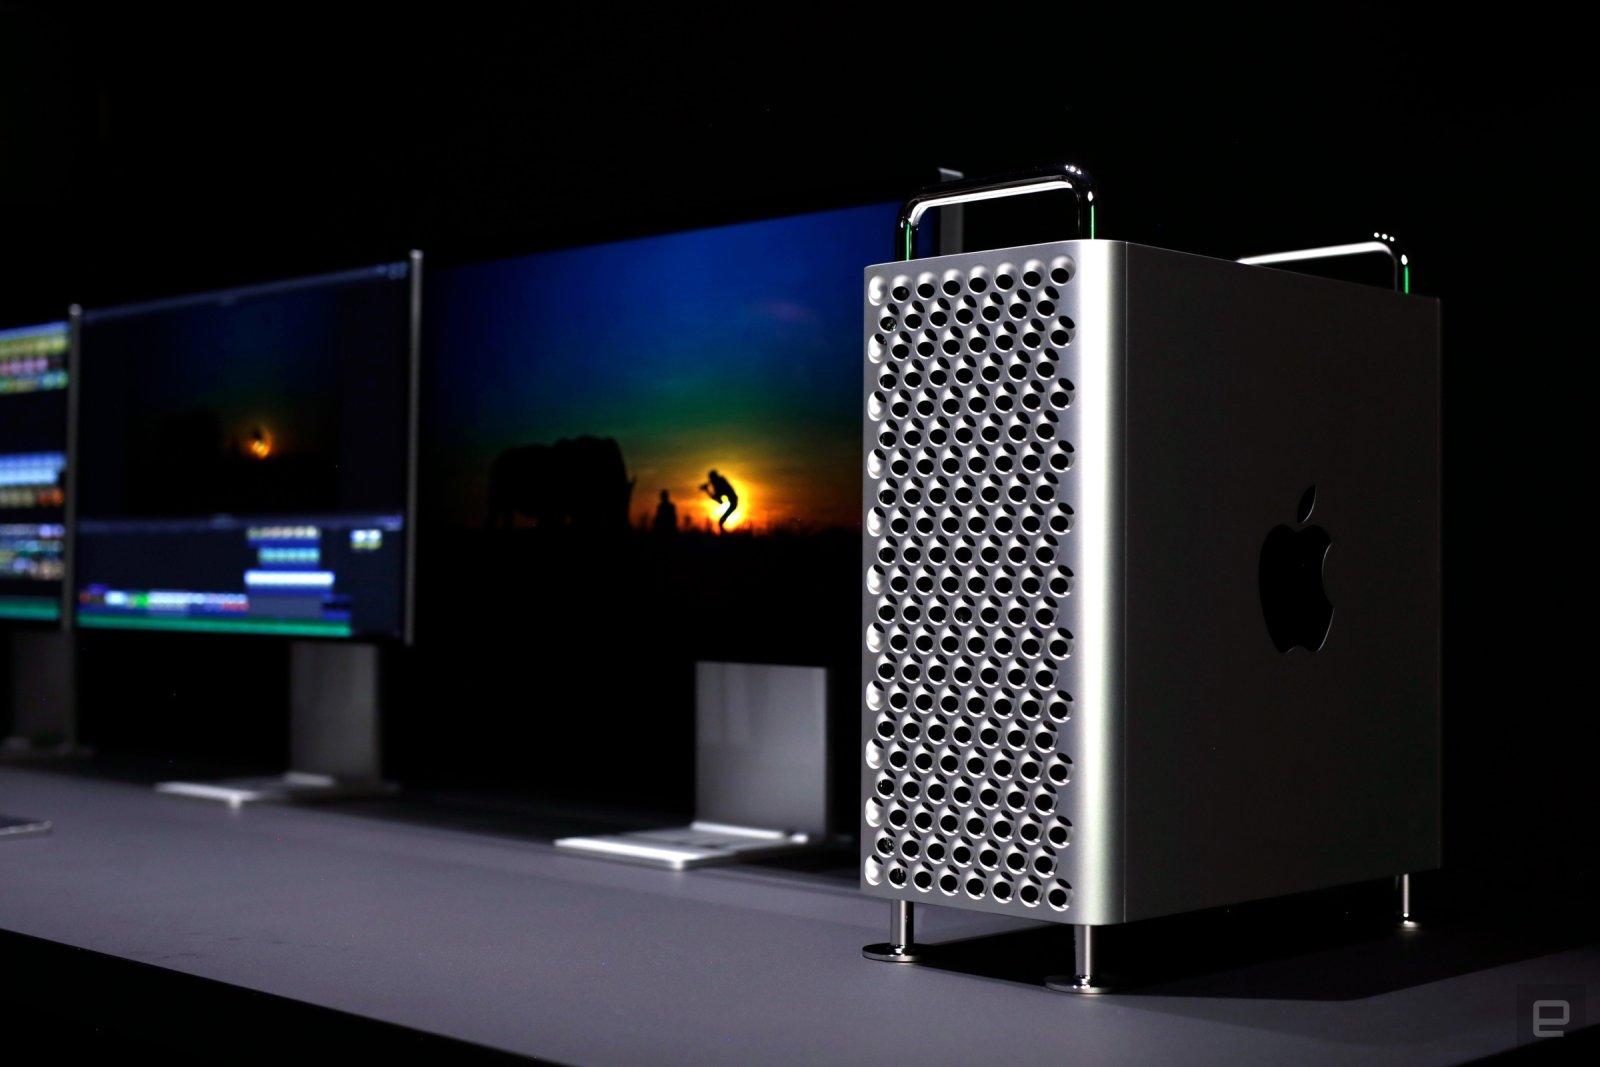 برای خرید بهترین مدل مک بوک پرو اپل چقدر باید هزینه کنید؟